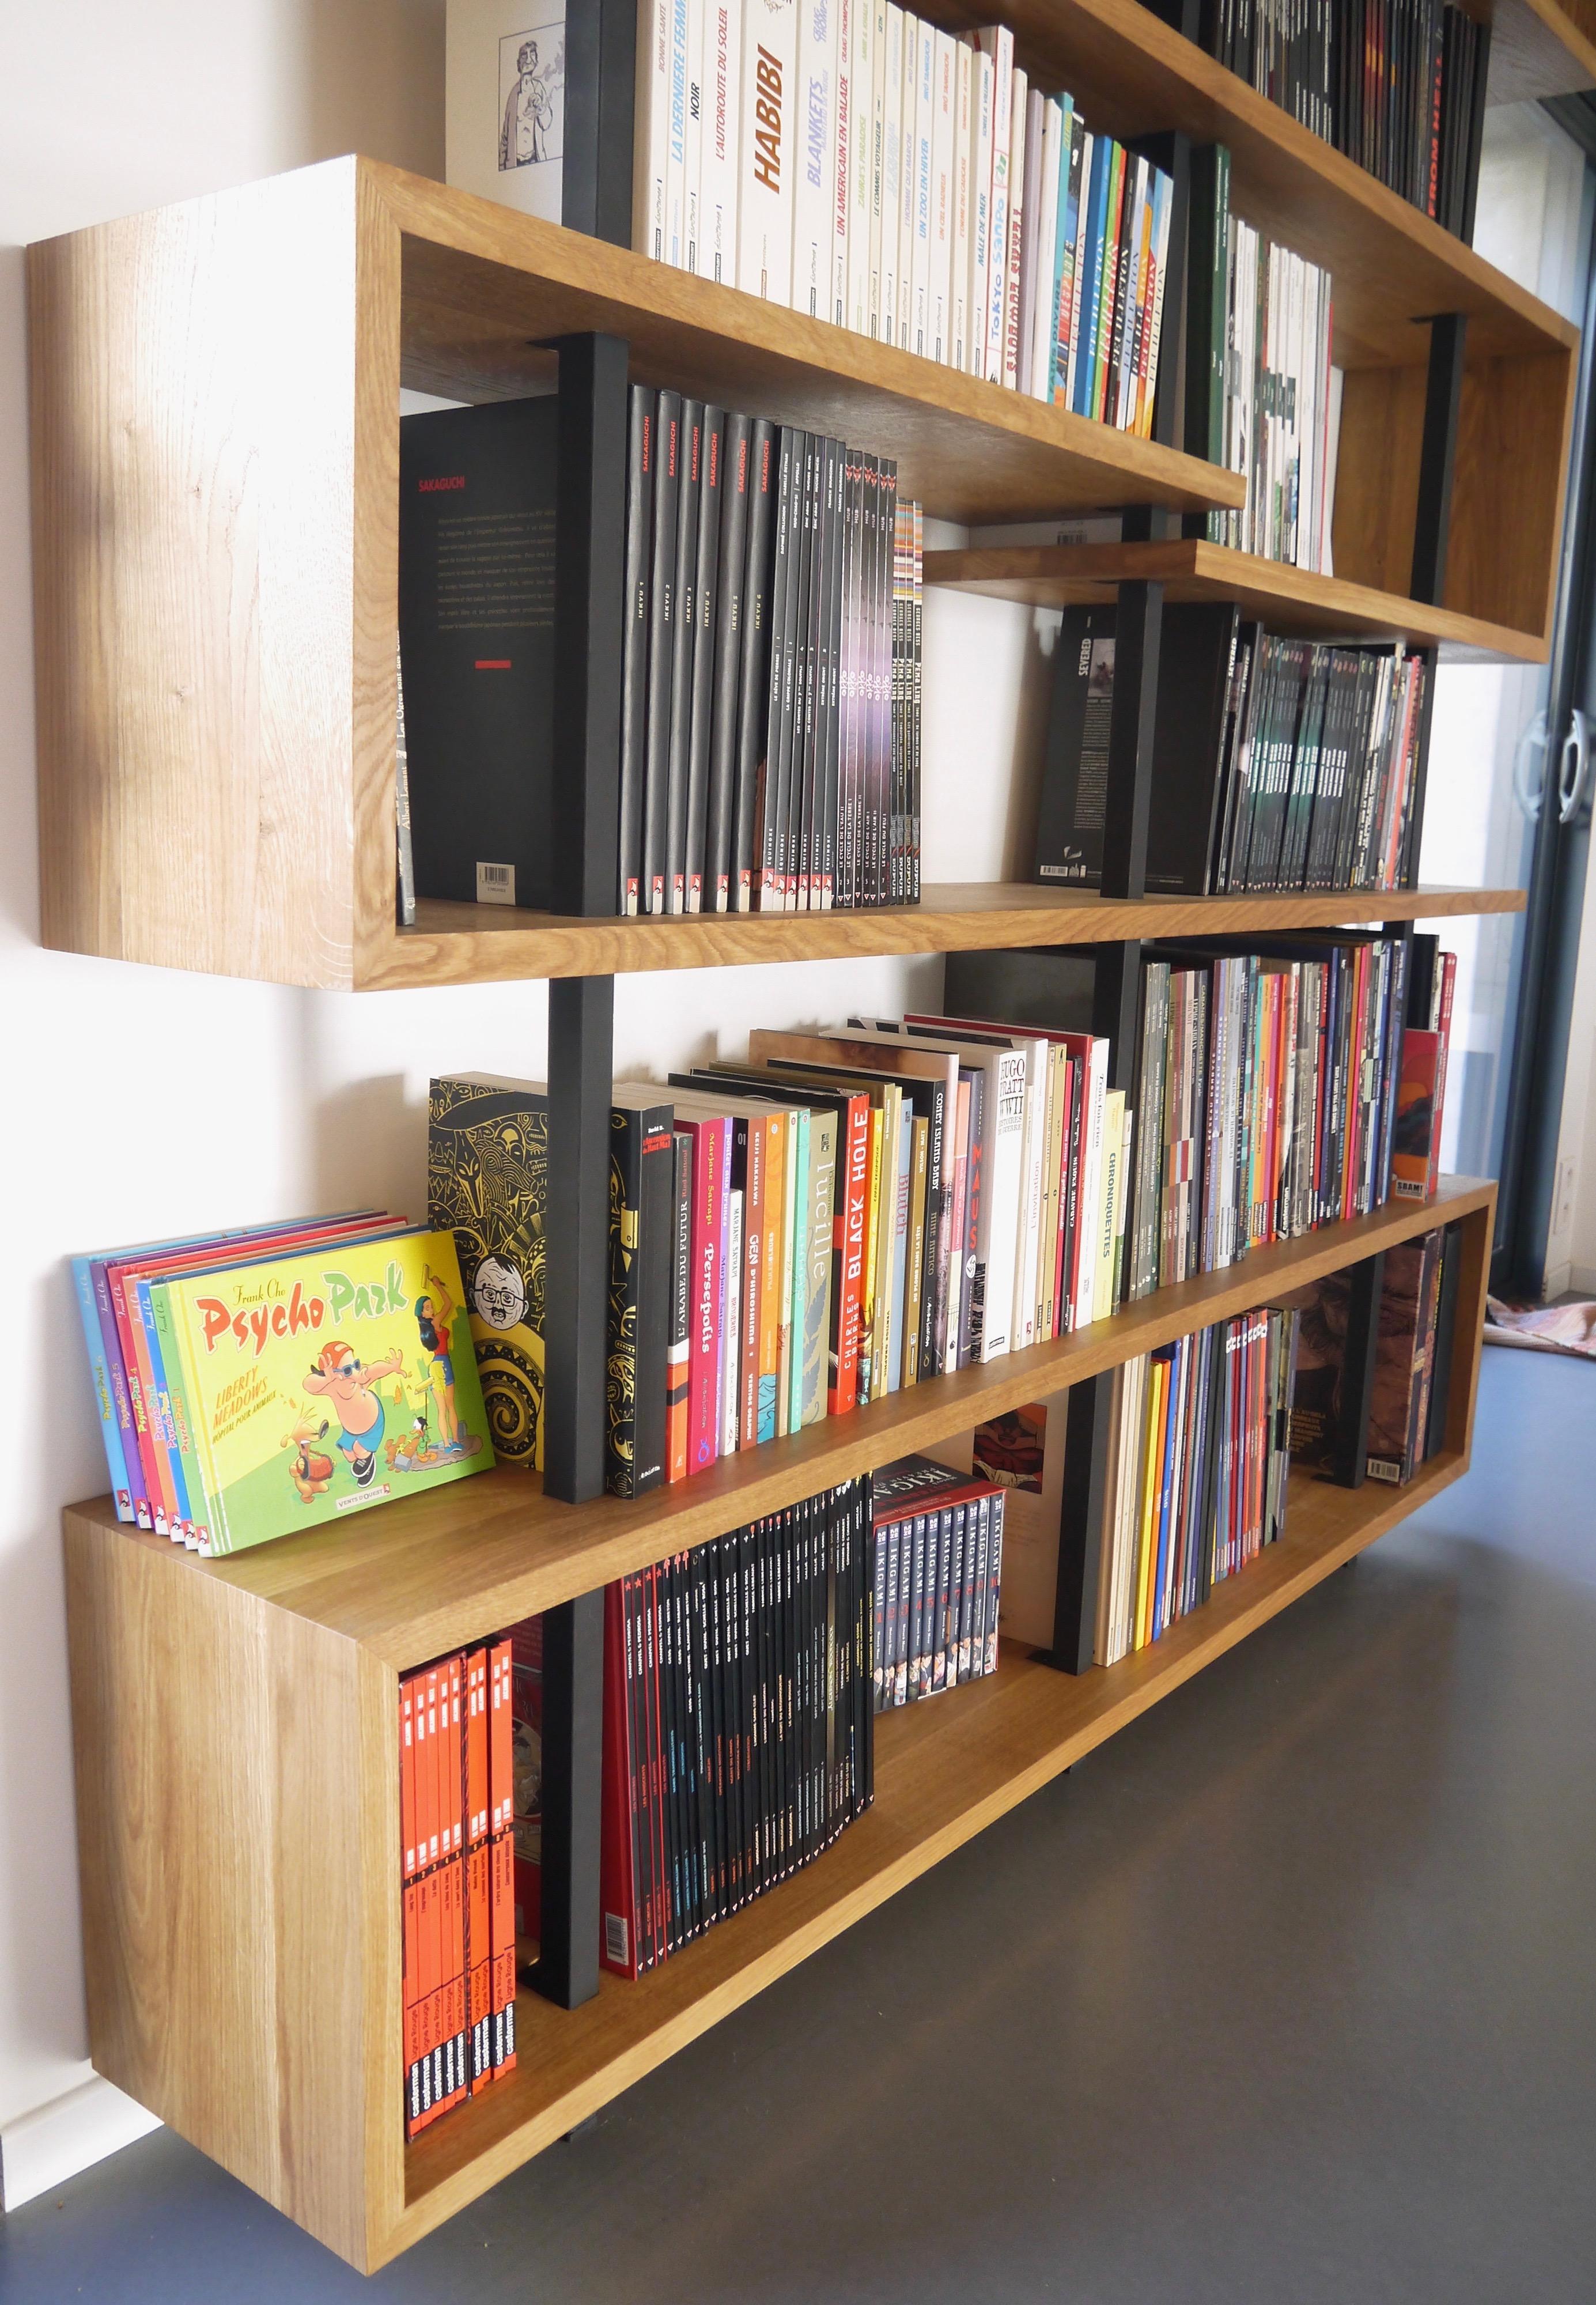 bibliotheque_marcel_5